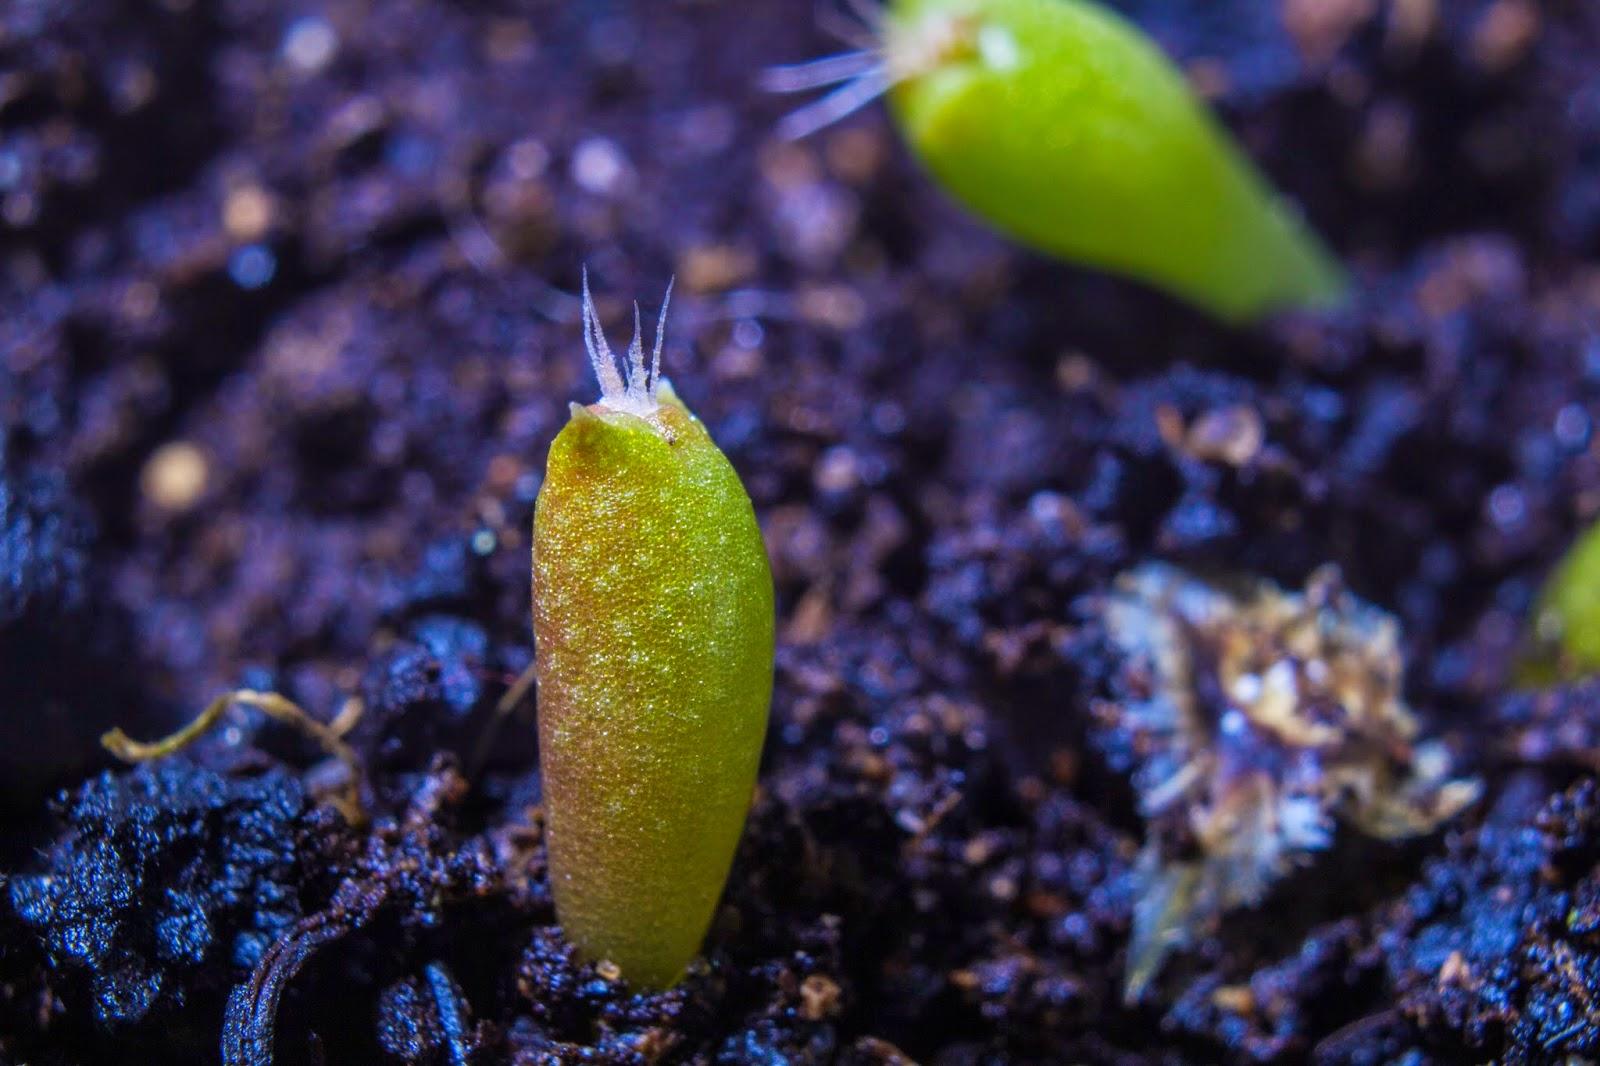 Fotografías macro de brotes de cactus en fotosmacro